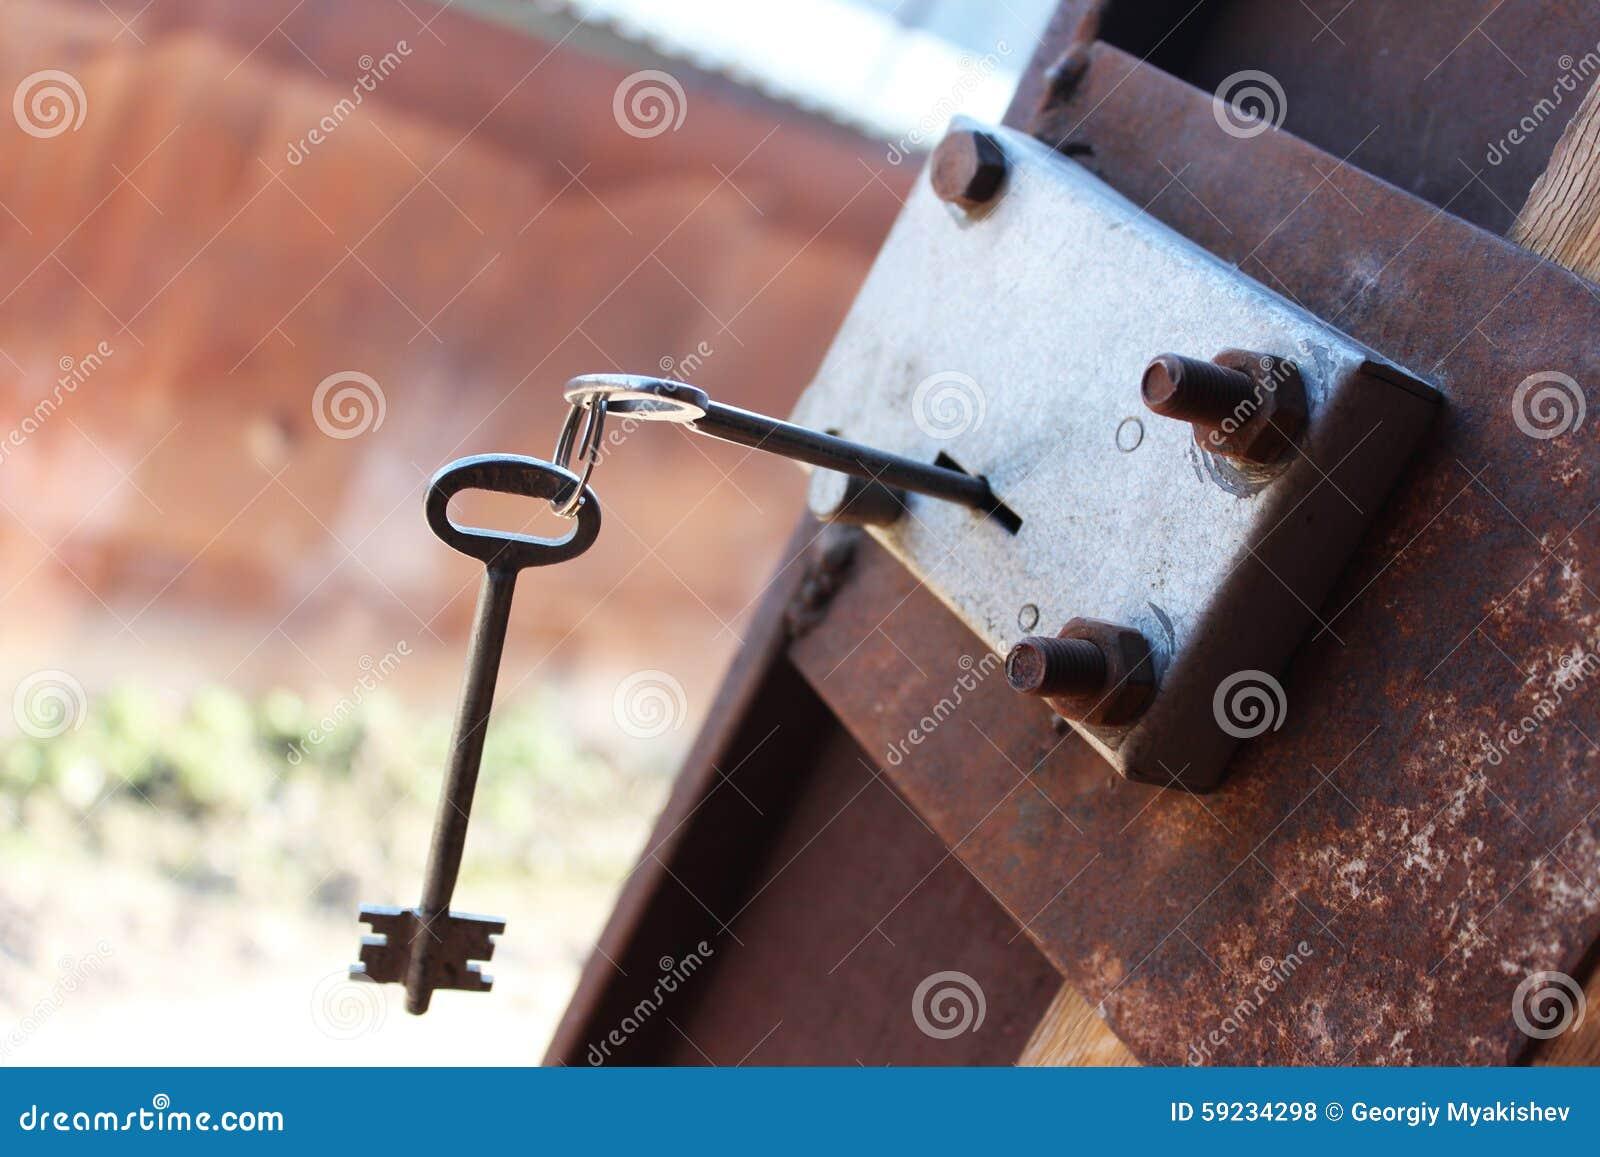 Download El clave en el bloqueo foto de archivo. Imagen de entrada - 59234298